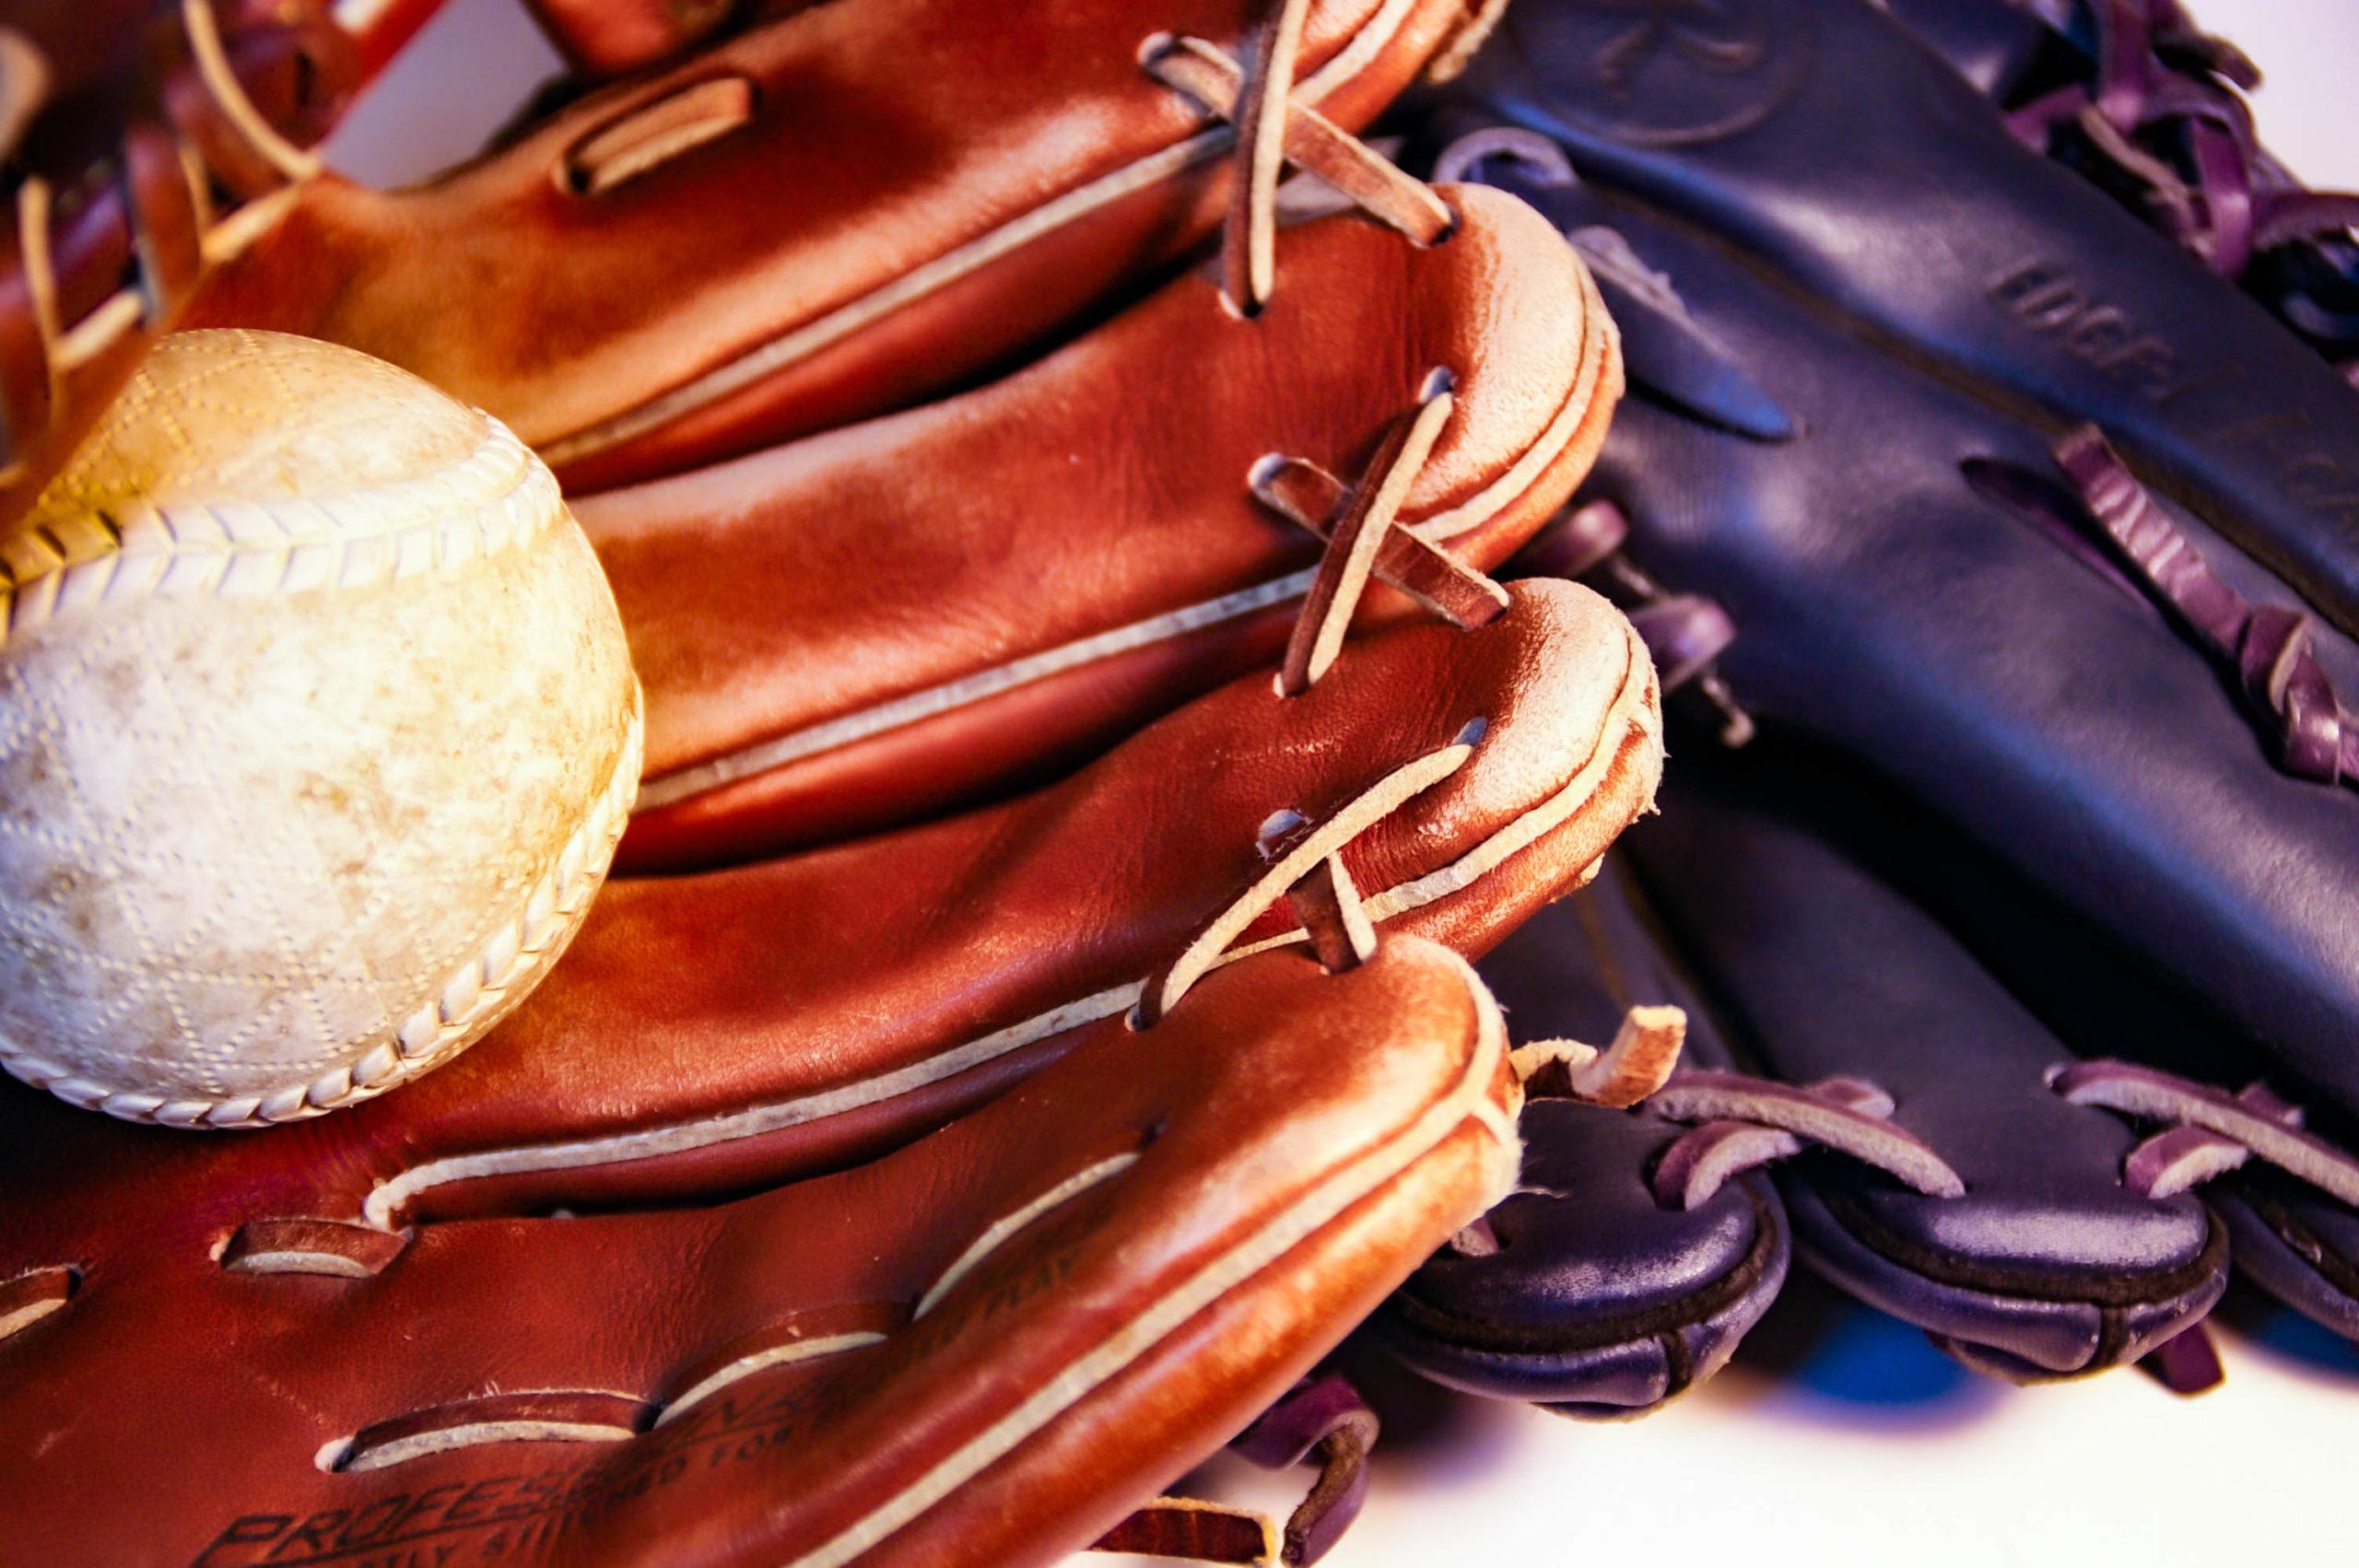 グローブと軟式野球のボールの写真